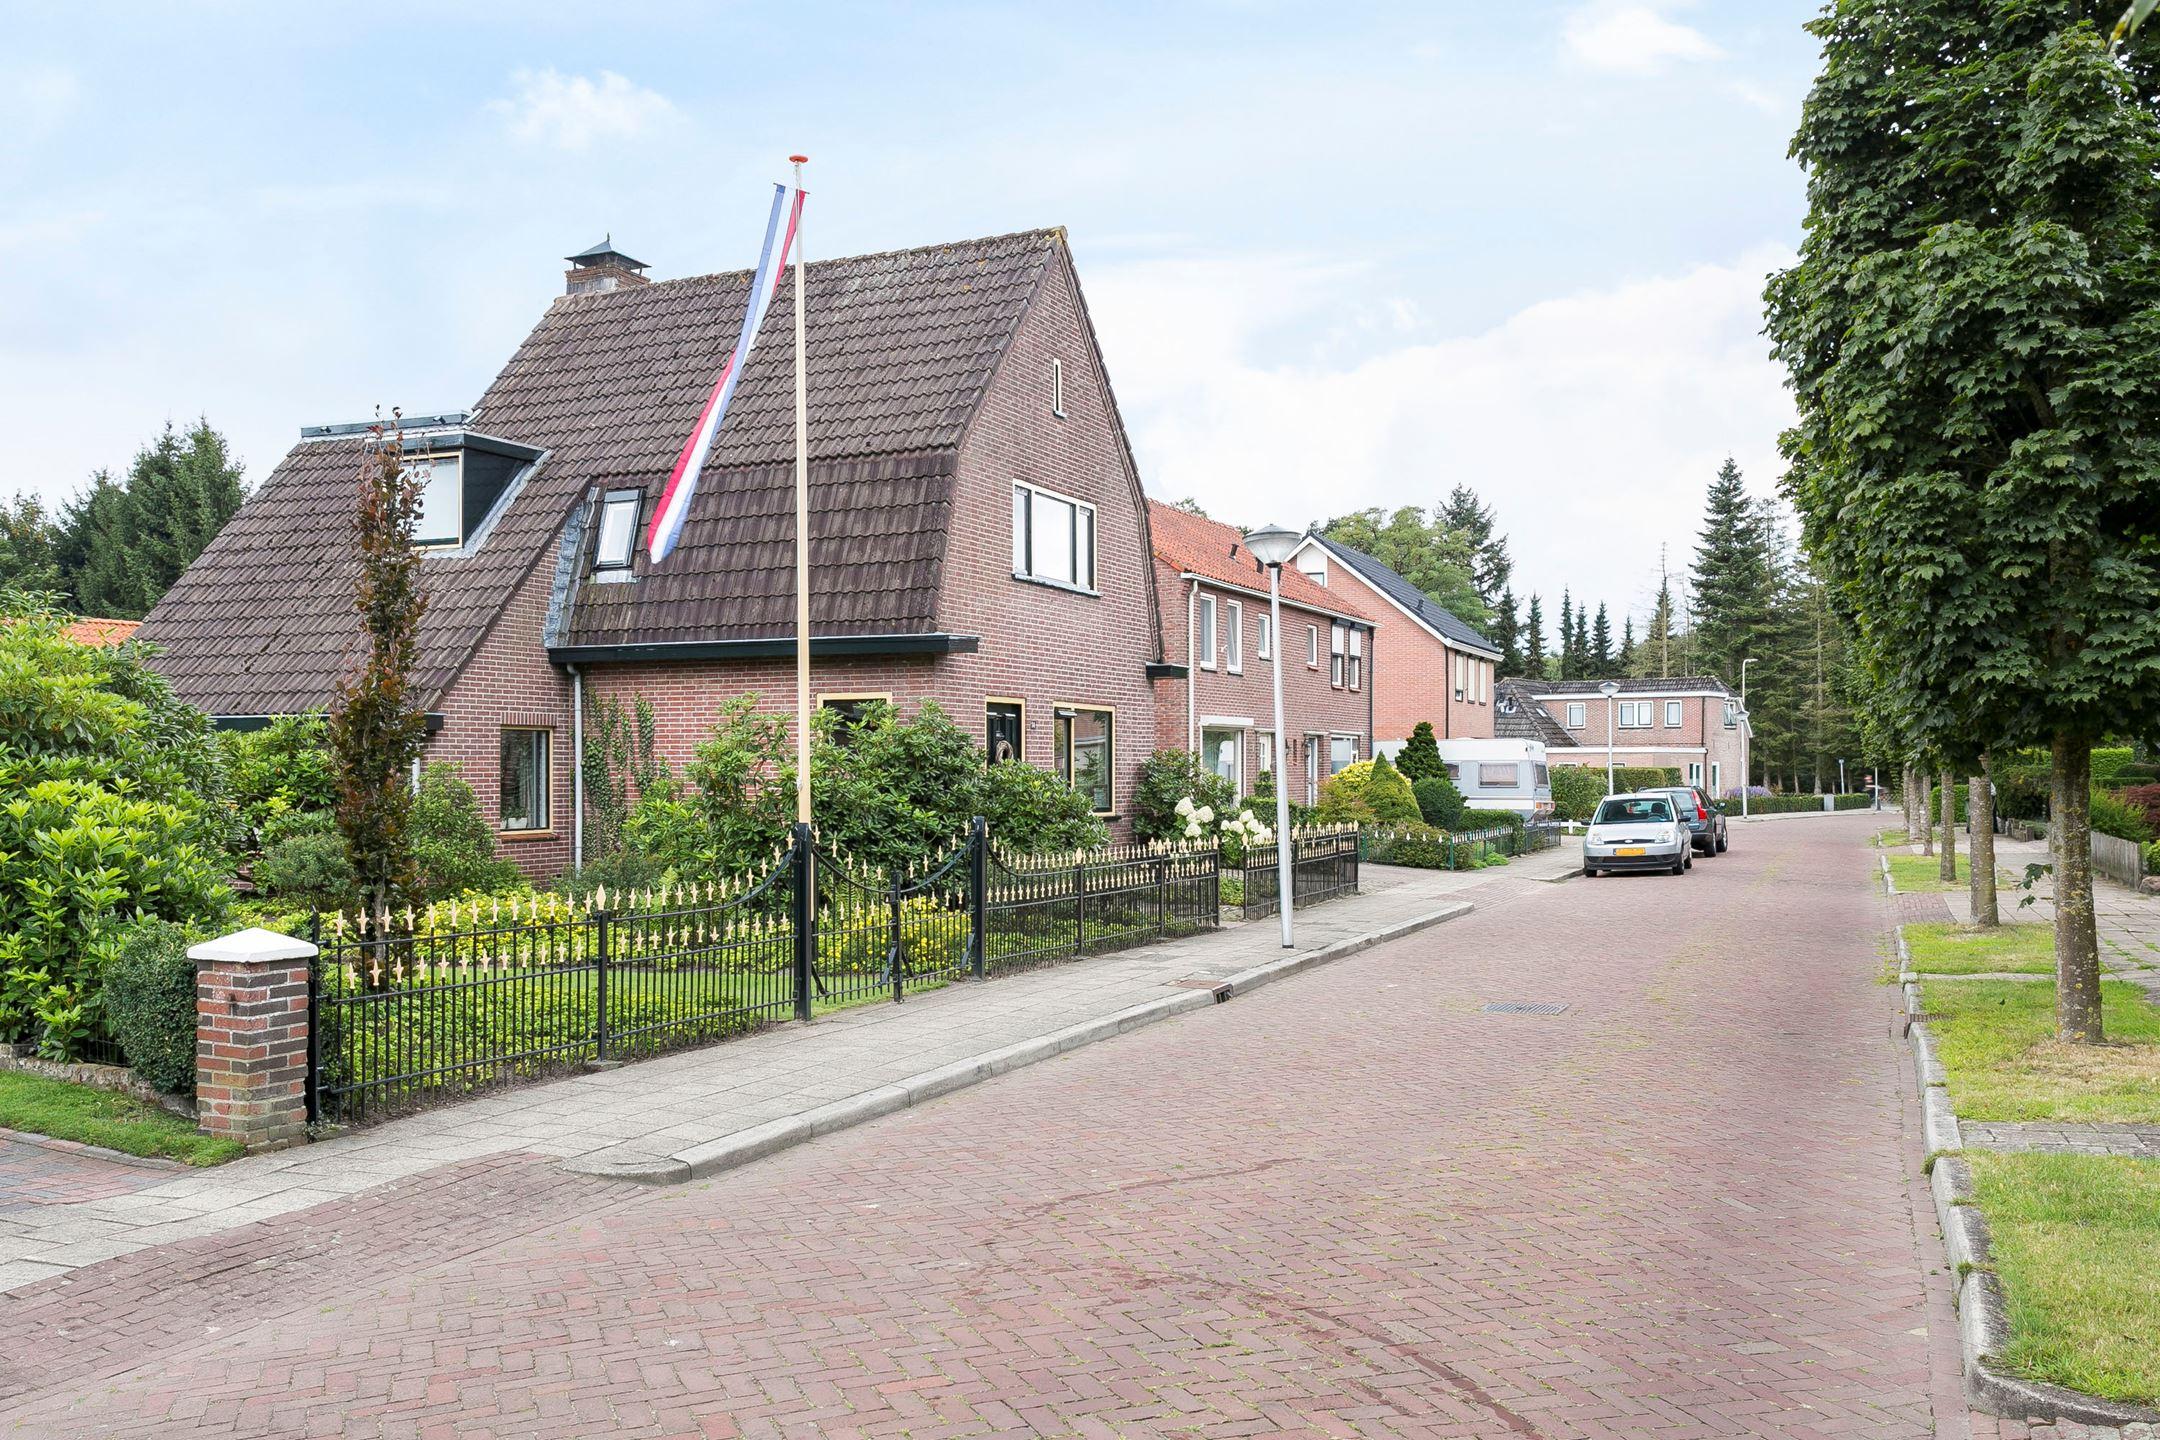 Huis te koop tweede kampsweg 14 7442 bw nijverdal funda for Mijn huis op funda